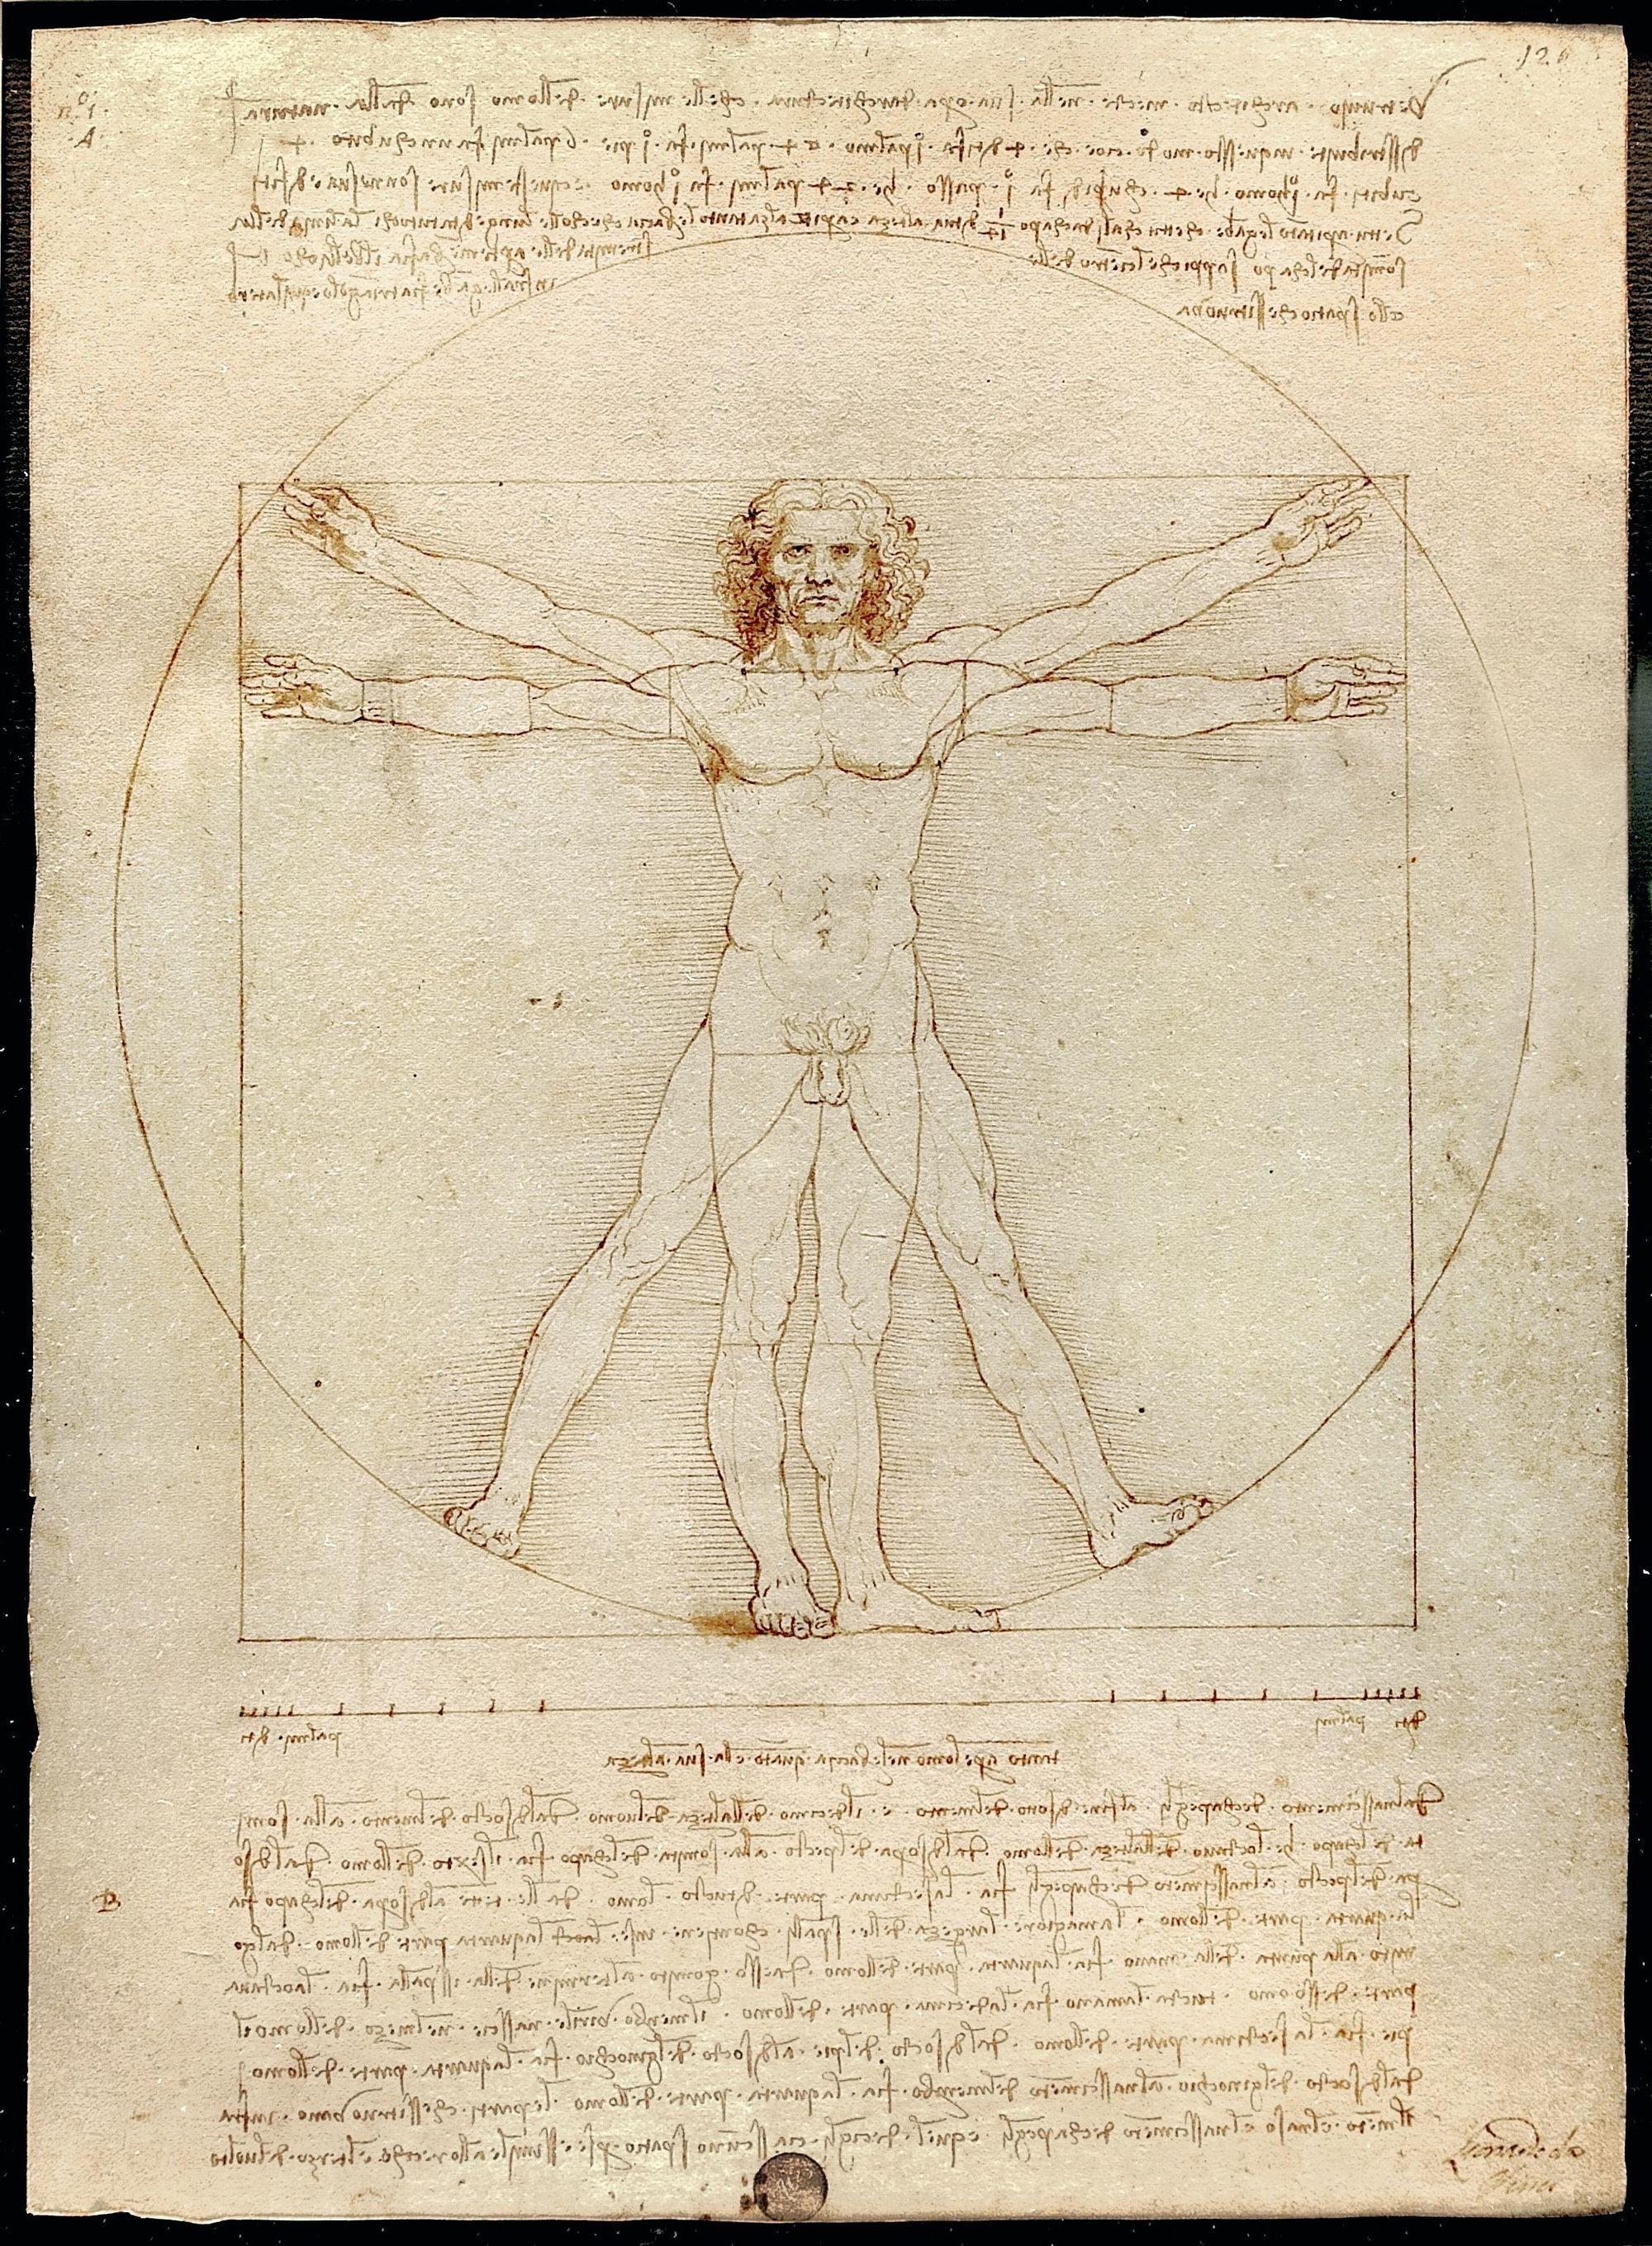 L'Homme de Vitruve par Léonard de Vinci (1490)